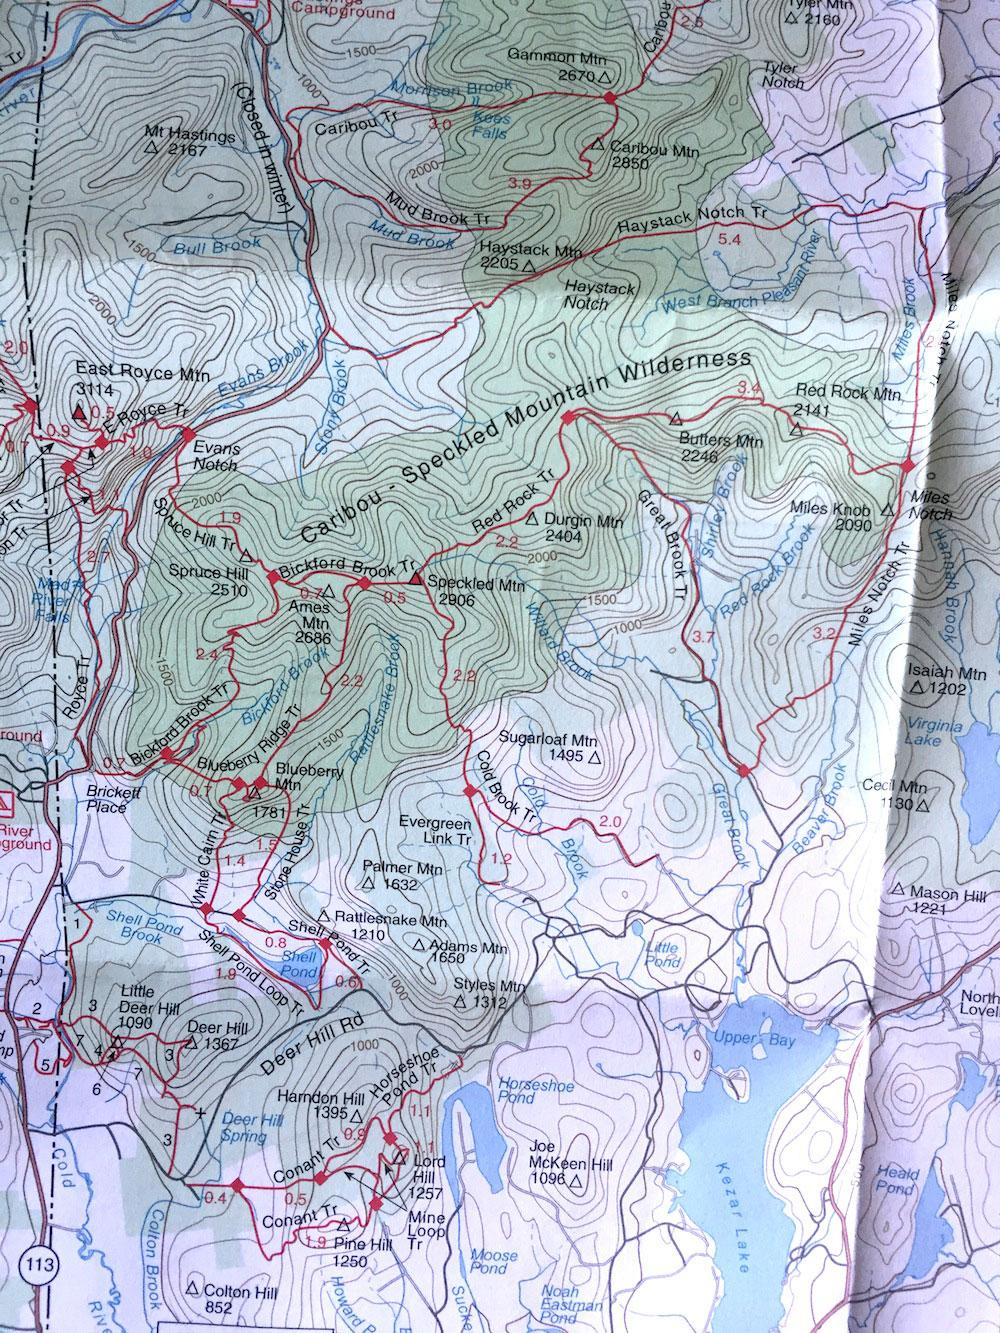 Blueberry Mountain and Rattlesnake Pool, White Mountain National ...